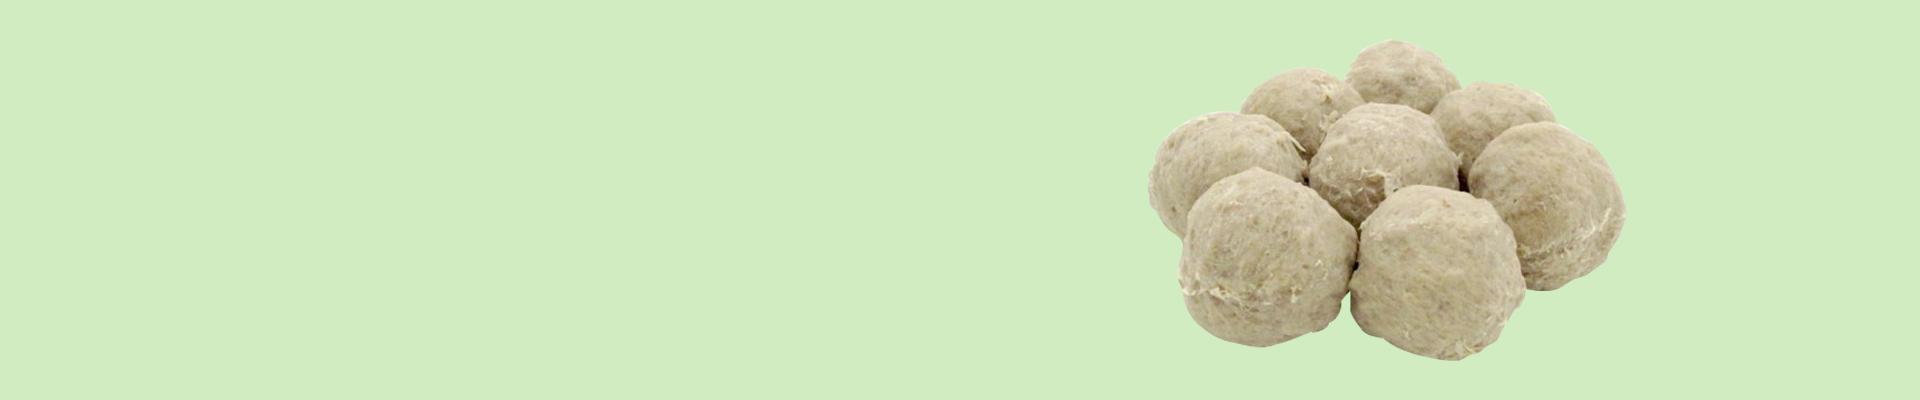 Jual Baso & Daging Olahan Lainnya Terbaik - Harga Murah